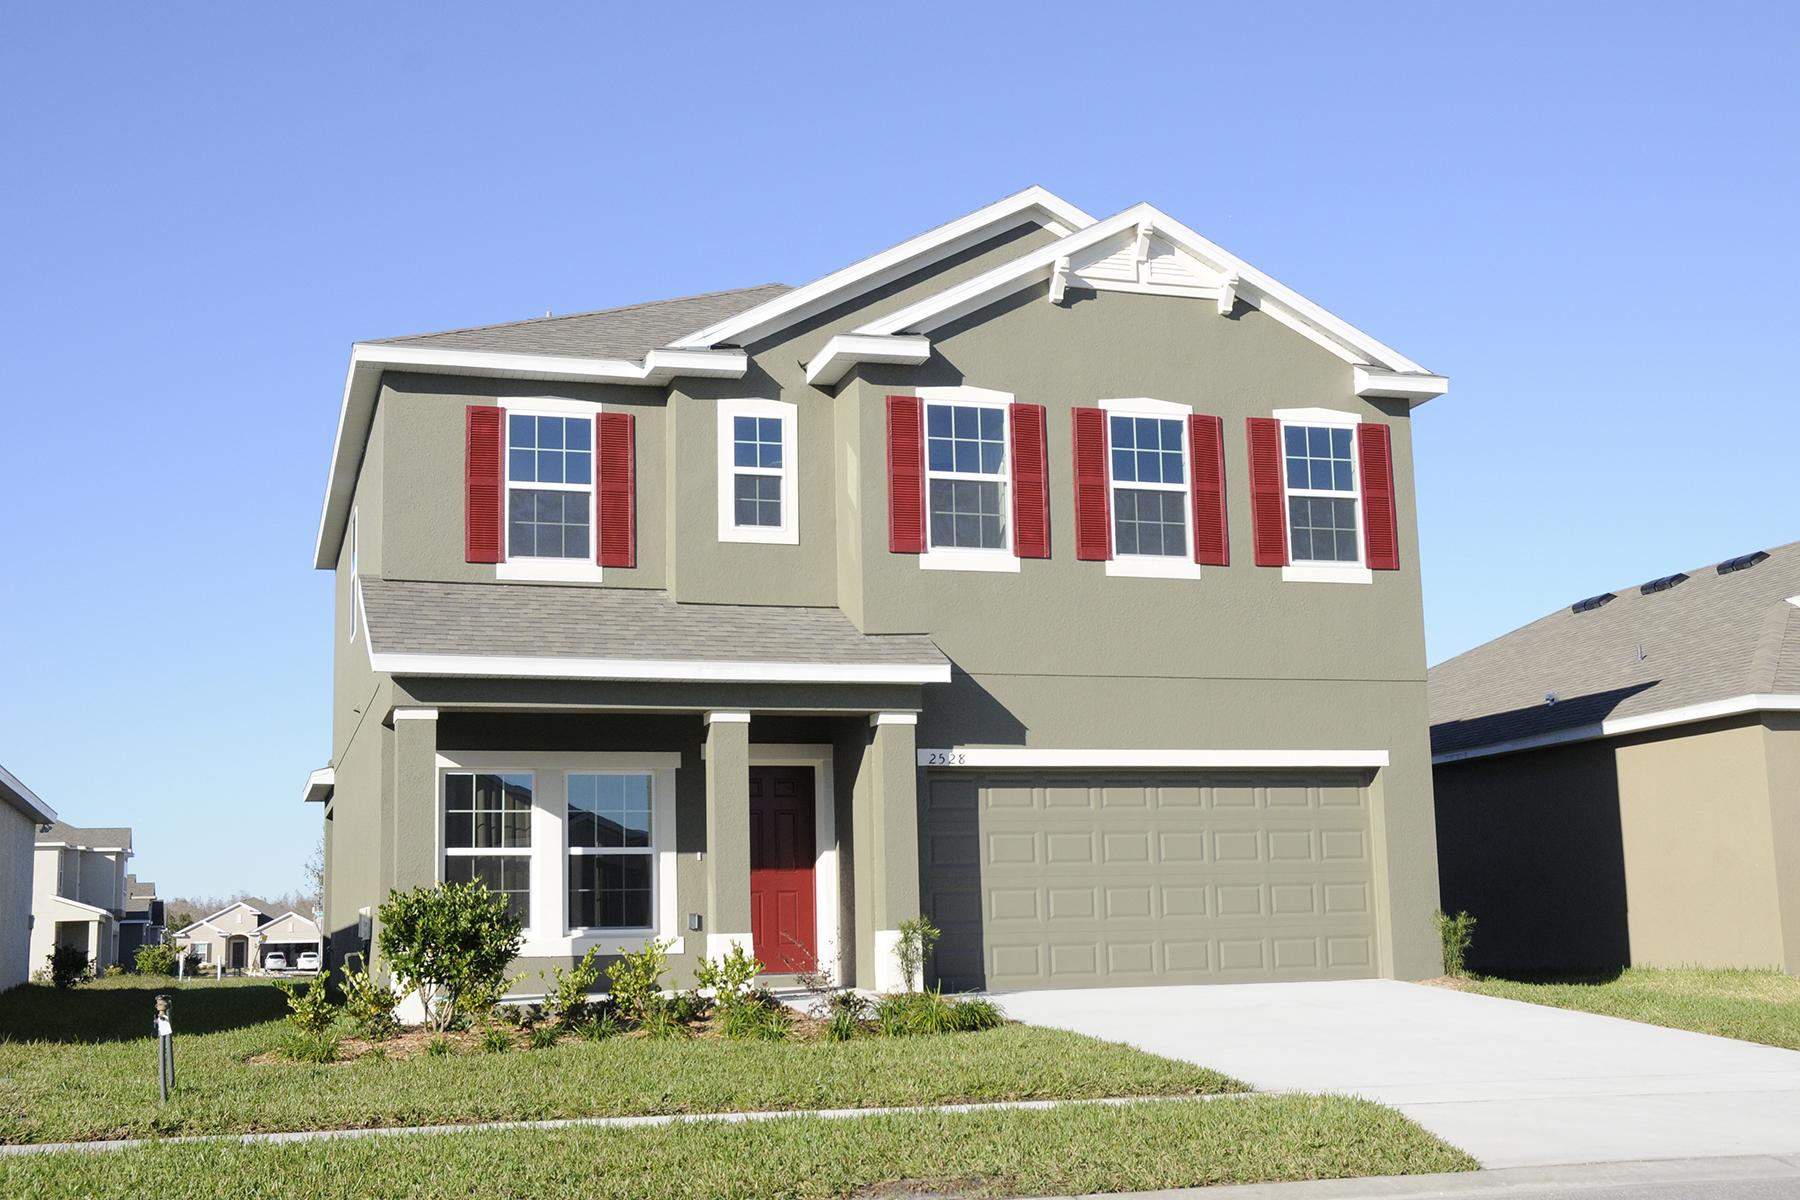 Maison unifamiliale pour l Vente à ORLANDO - KISSIMMEE 2528 Isabela Terr Kissimmee, Florida, 34743 États-Unis